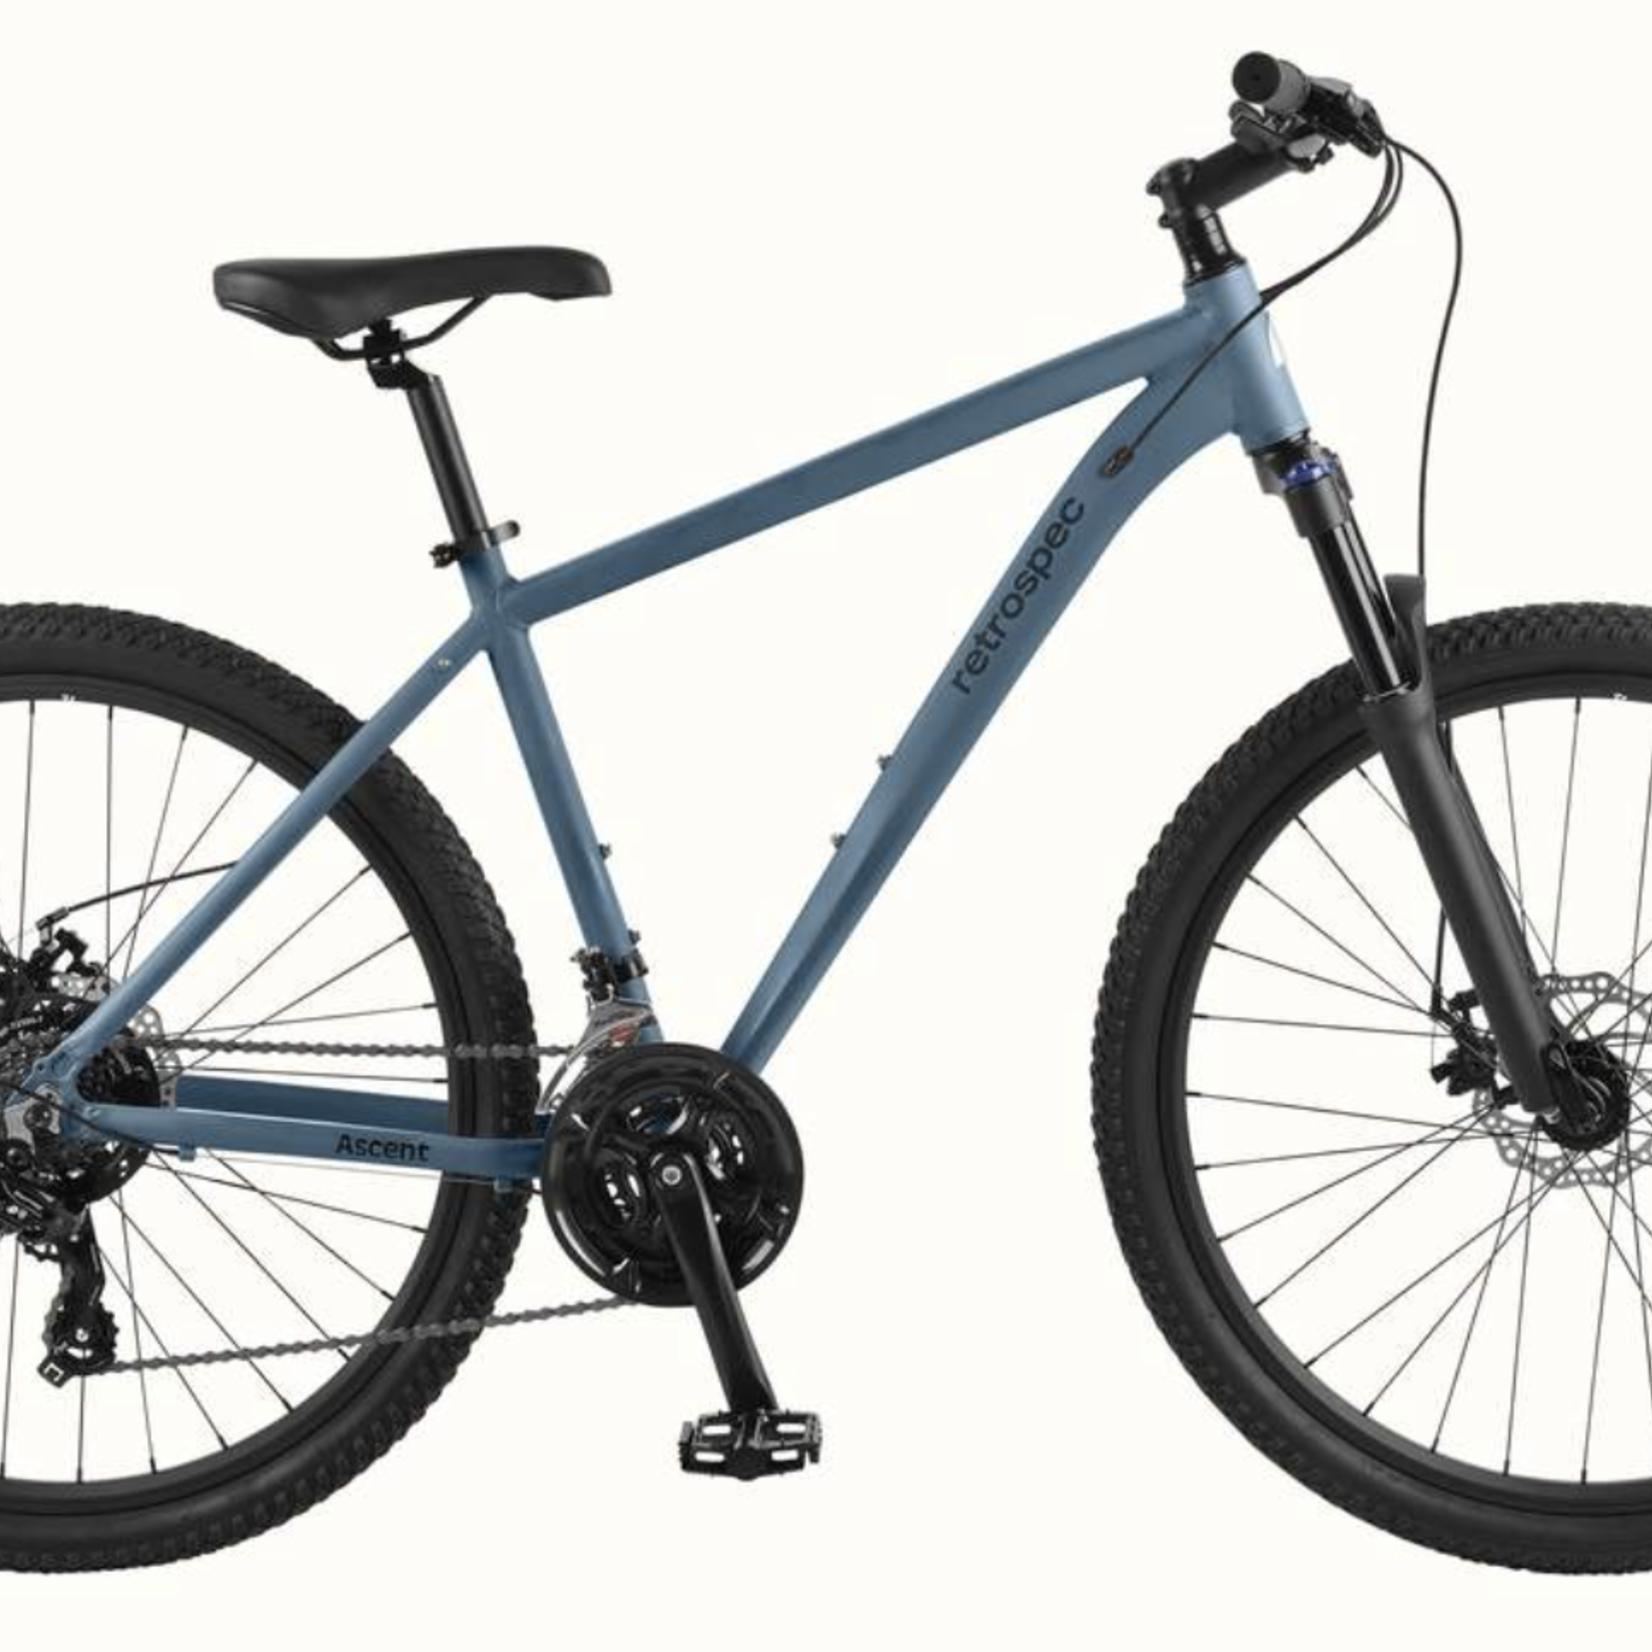 RetroSpec RetroSpec Bike - Ascent MTB 27.5